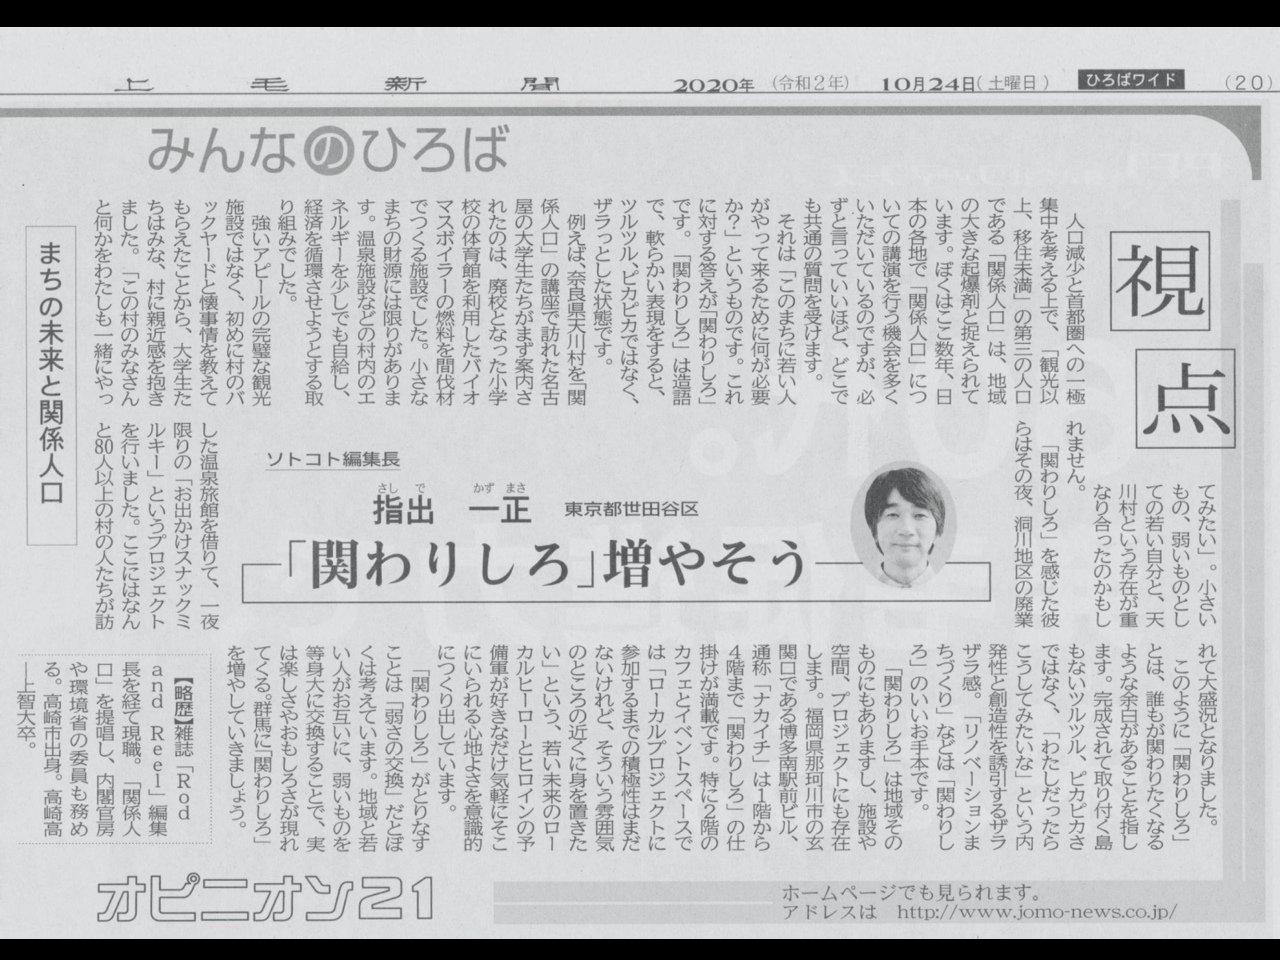 『上毛新聞』のコラム「視点」に掲載されました!